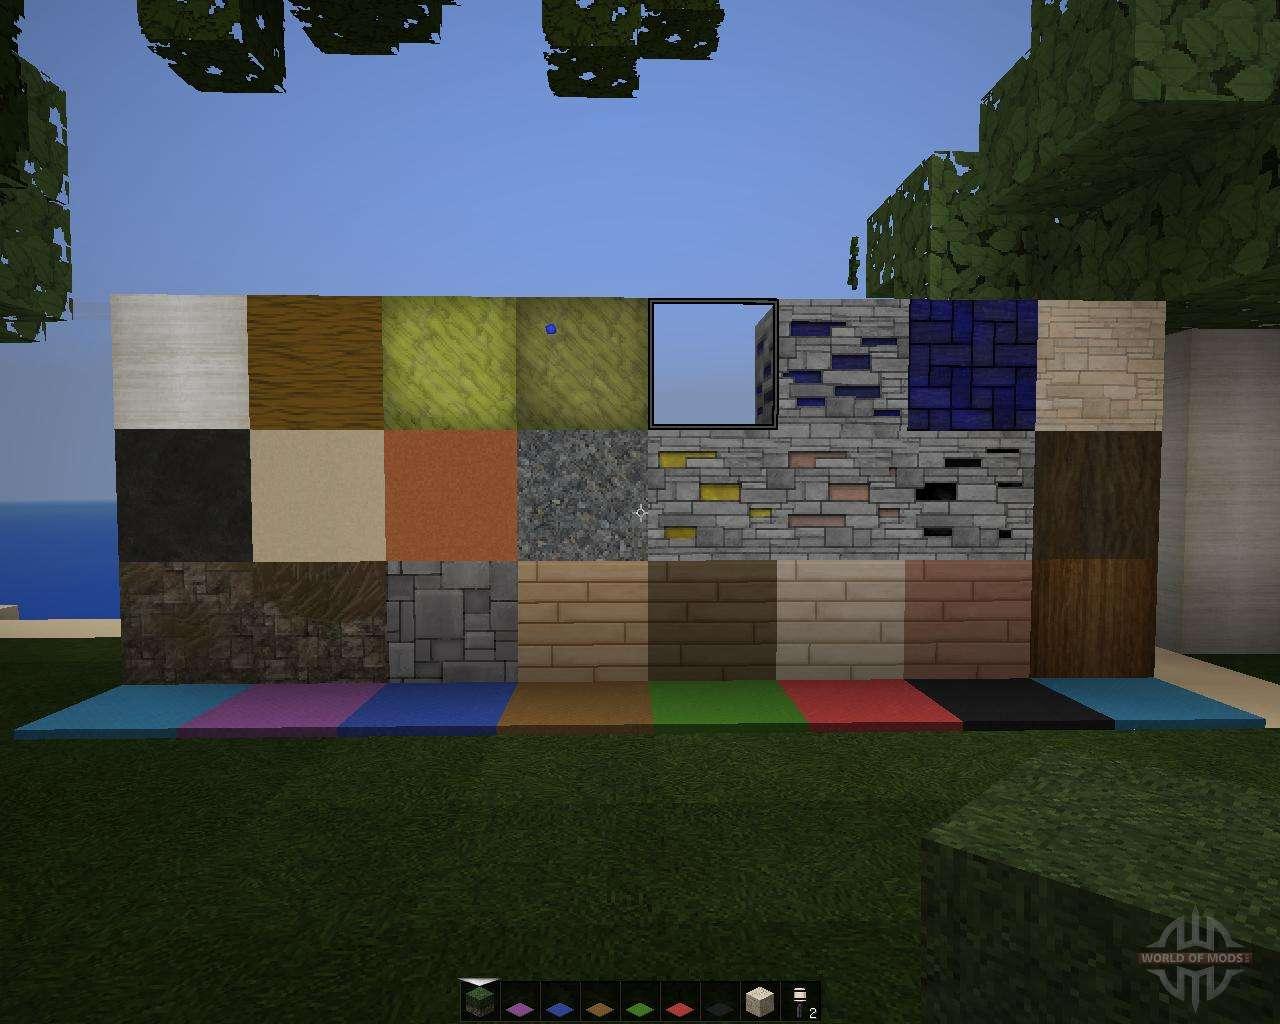 скачать текстур паки стиля модерн для minecraft 1 8